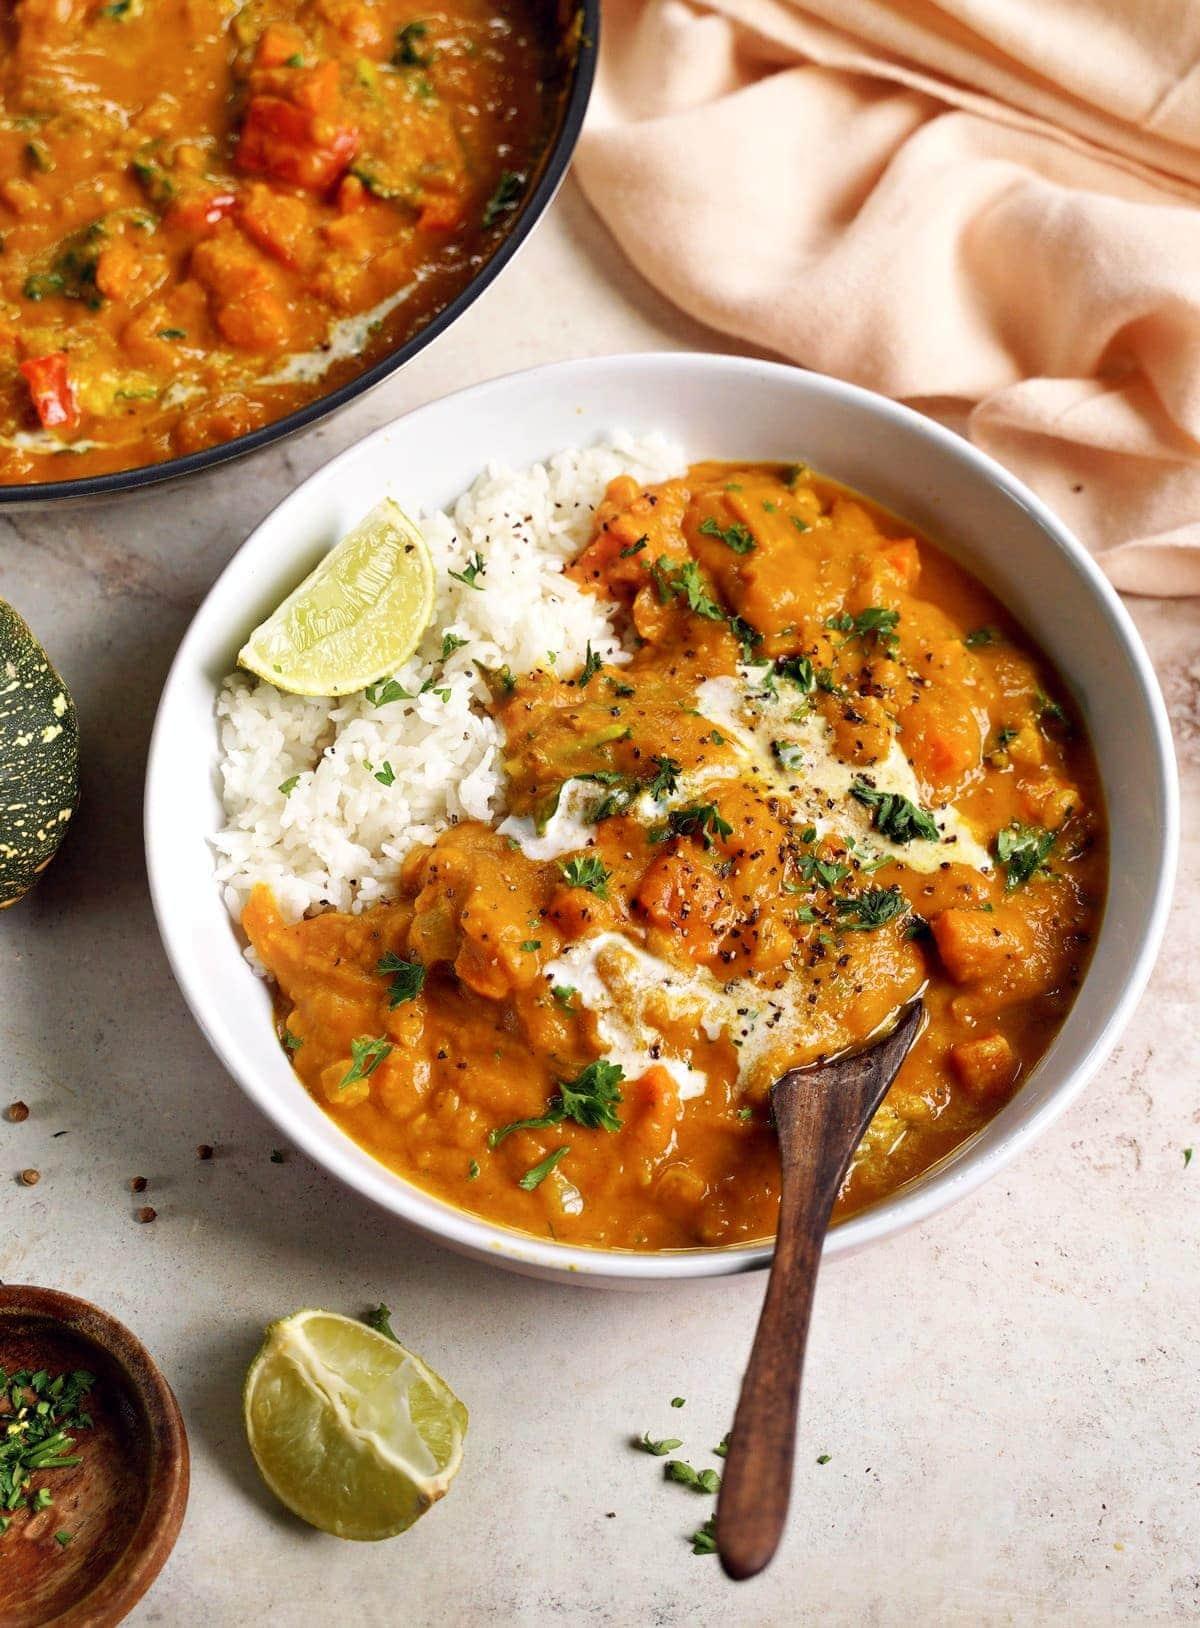 Kürbis-Curry mit Reis in Schale von der Seite